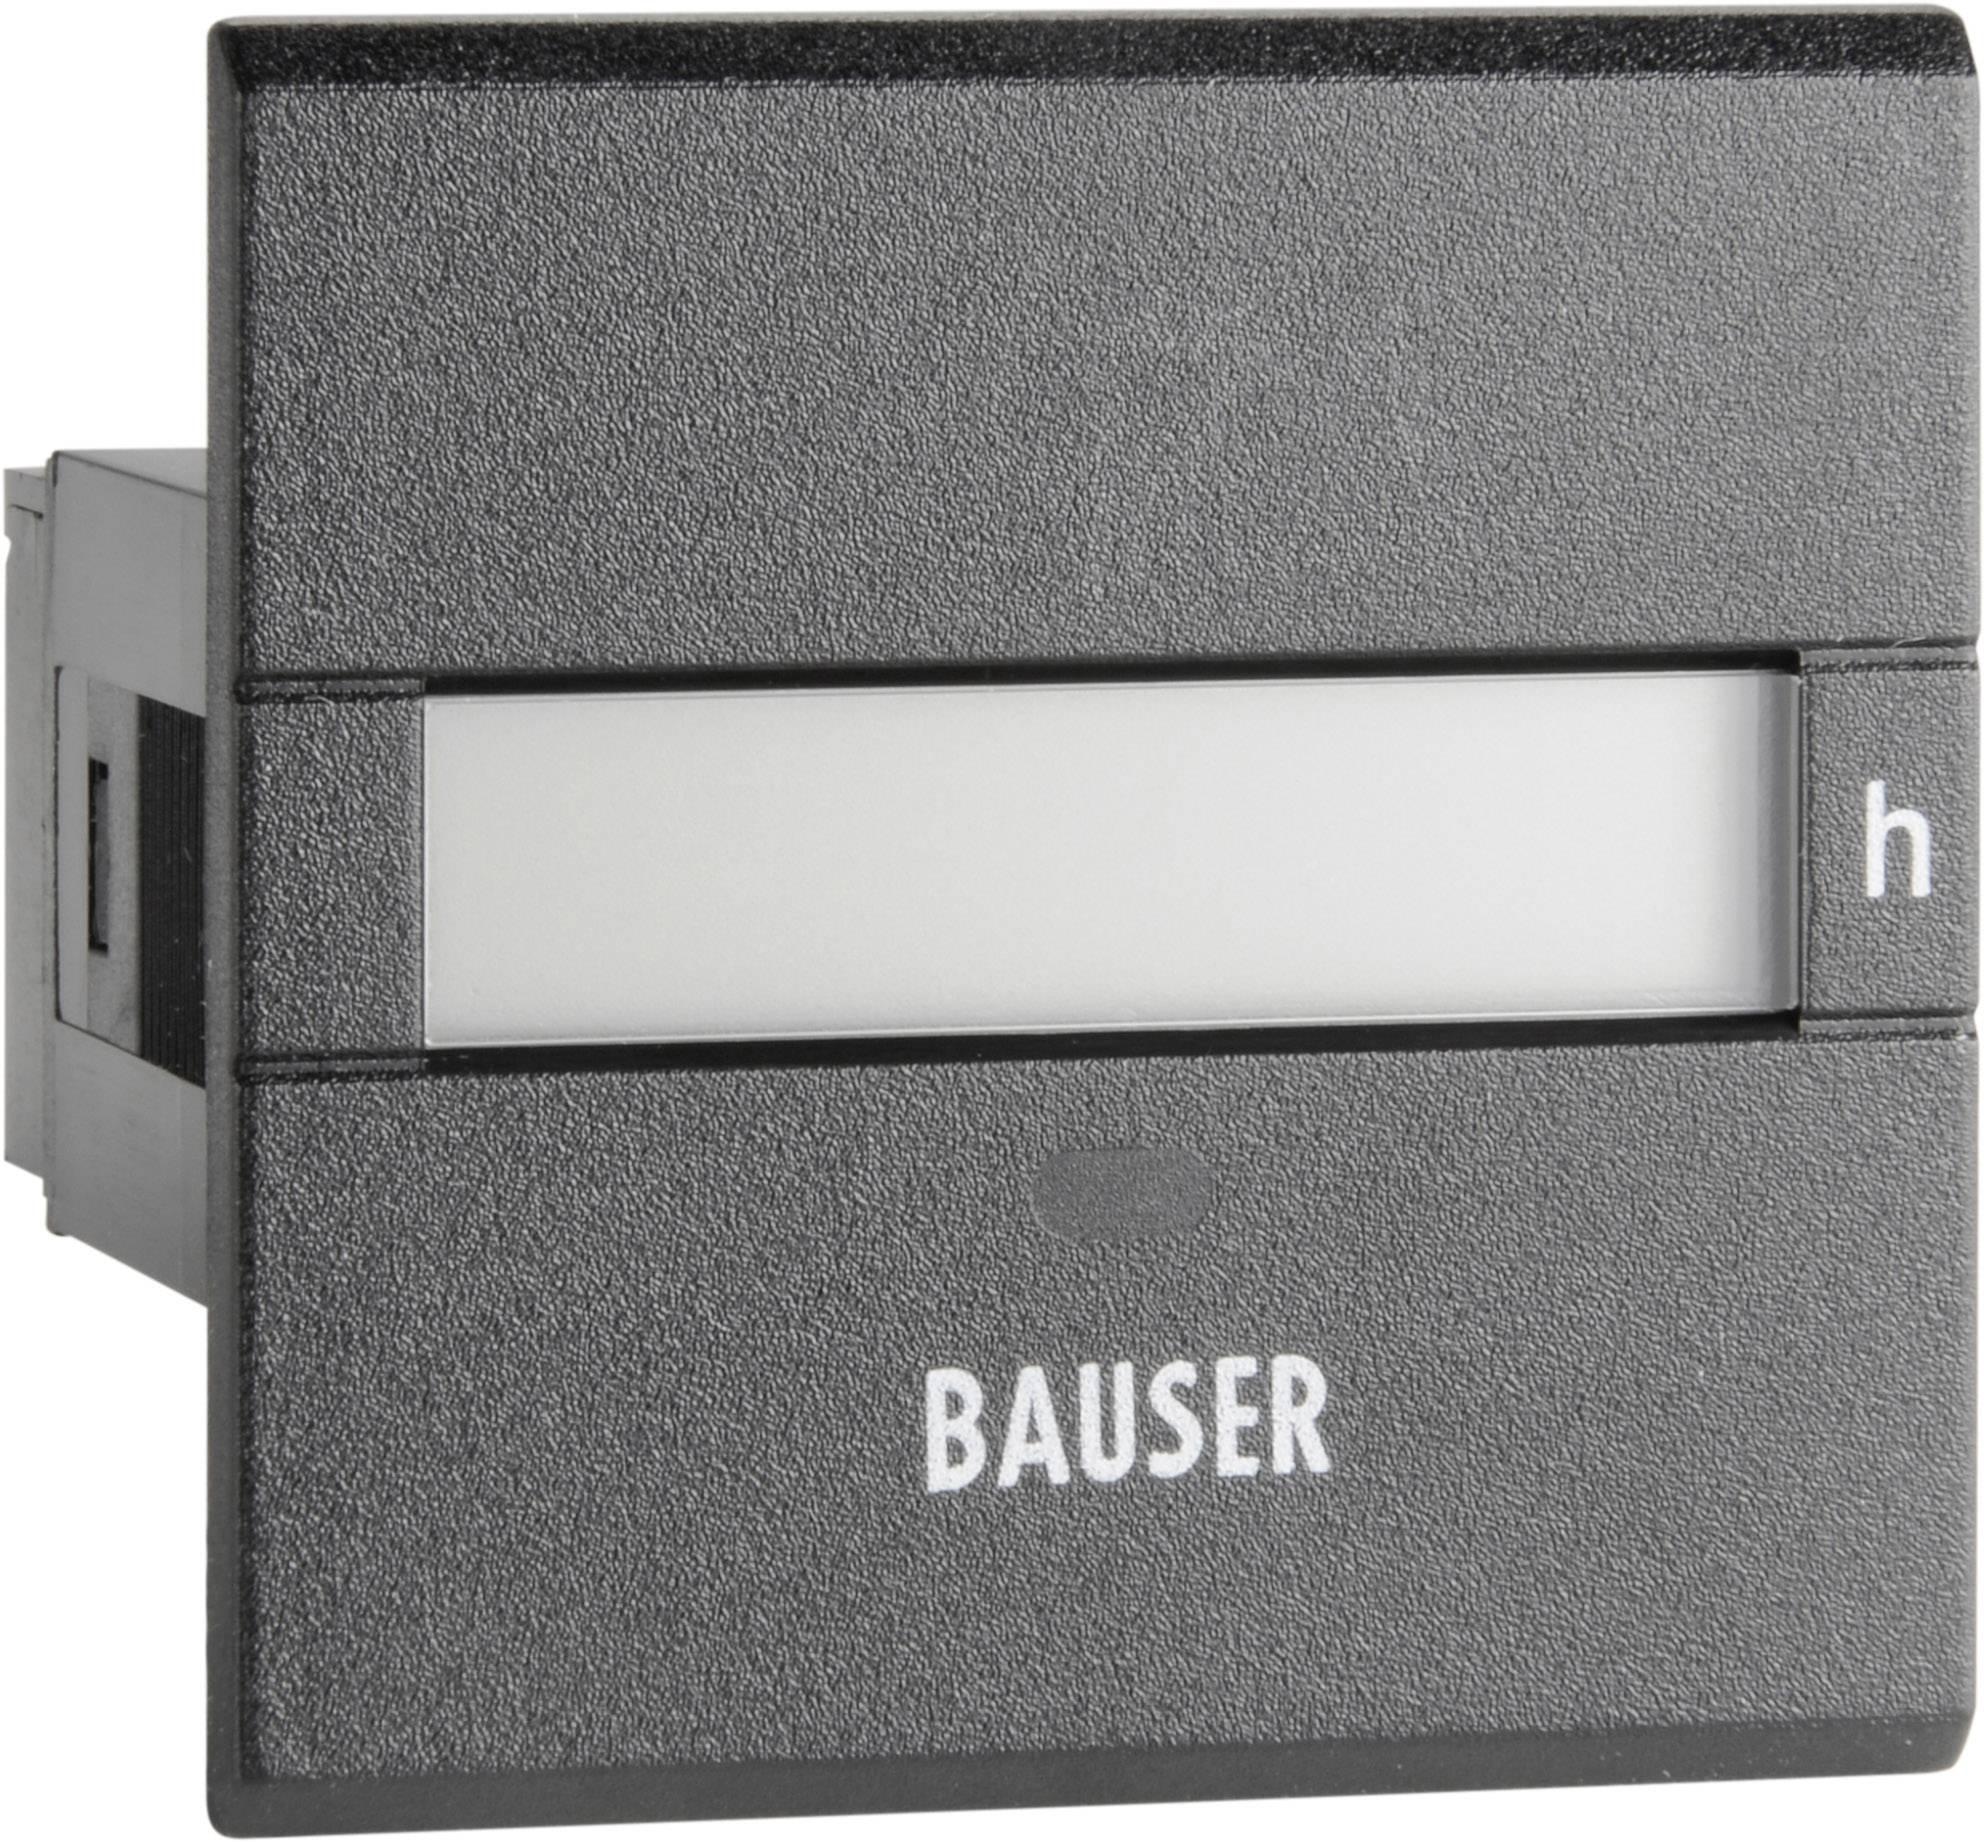 Počítadlo prevádzkových hodín Bauser 3801.2.1.0.1.2 AC, 115 - 240 VAC, 45 x 45 mm, IP65